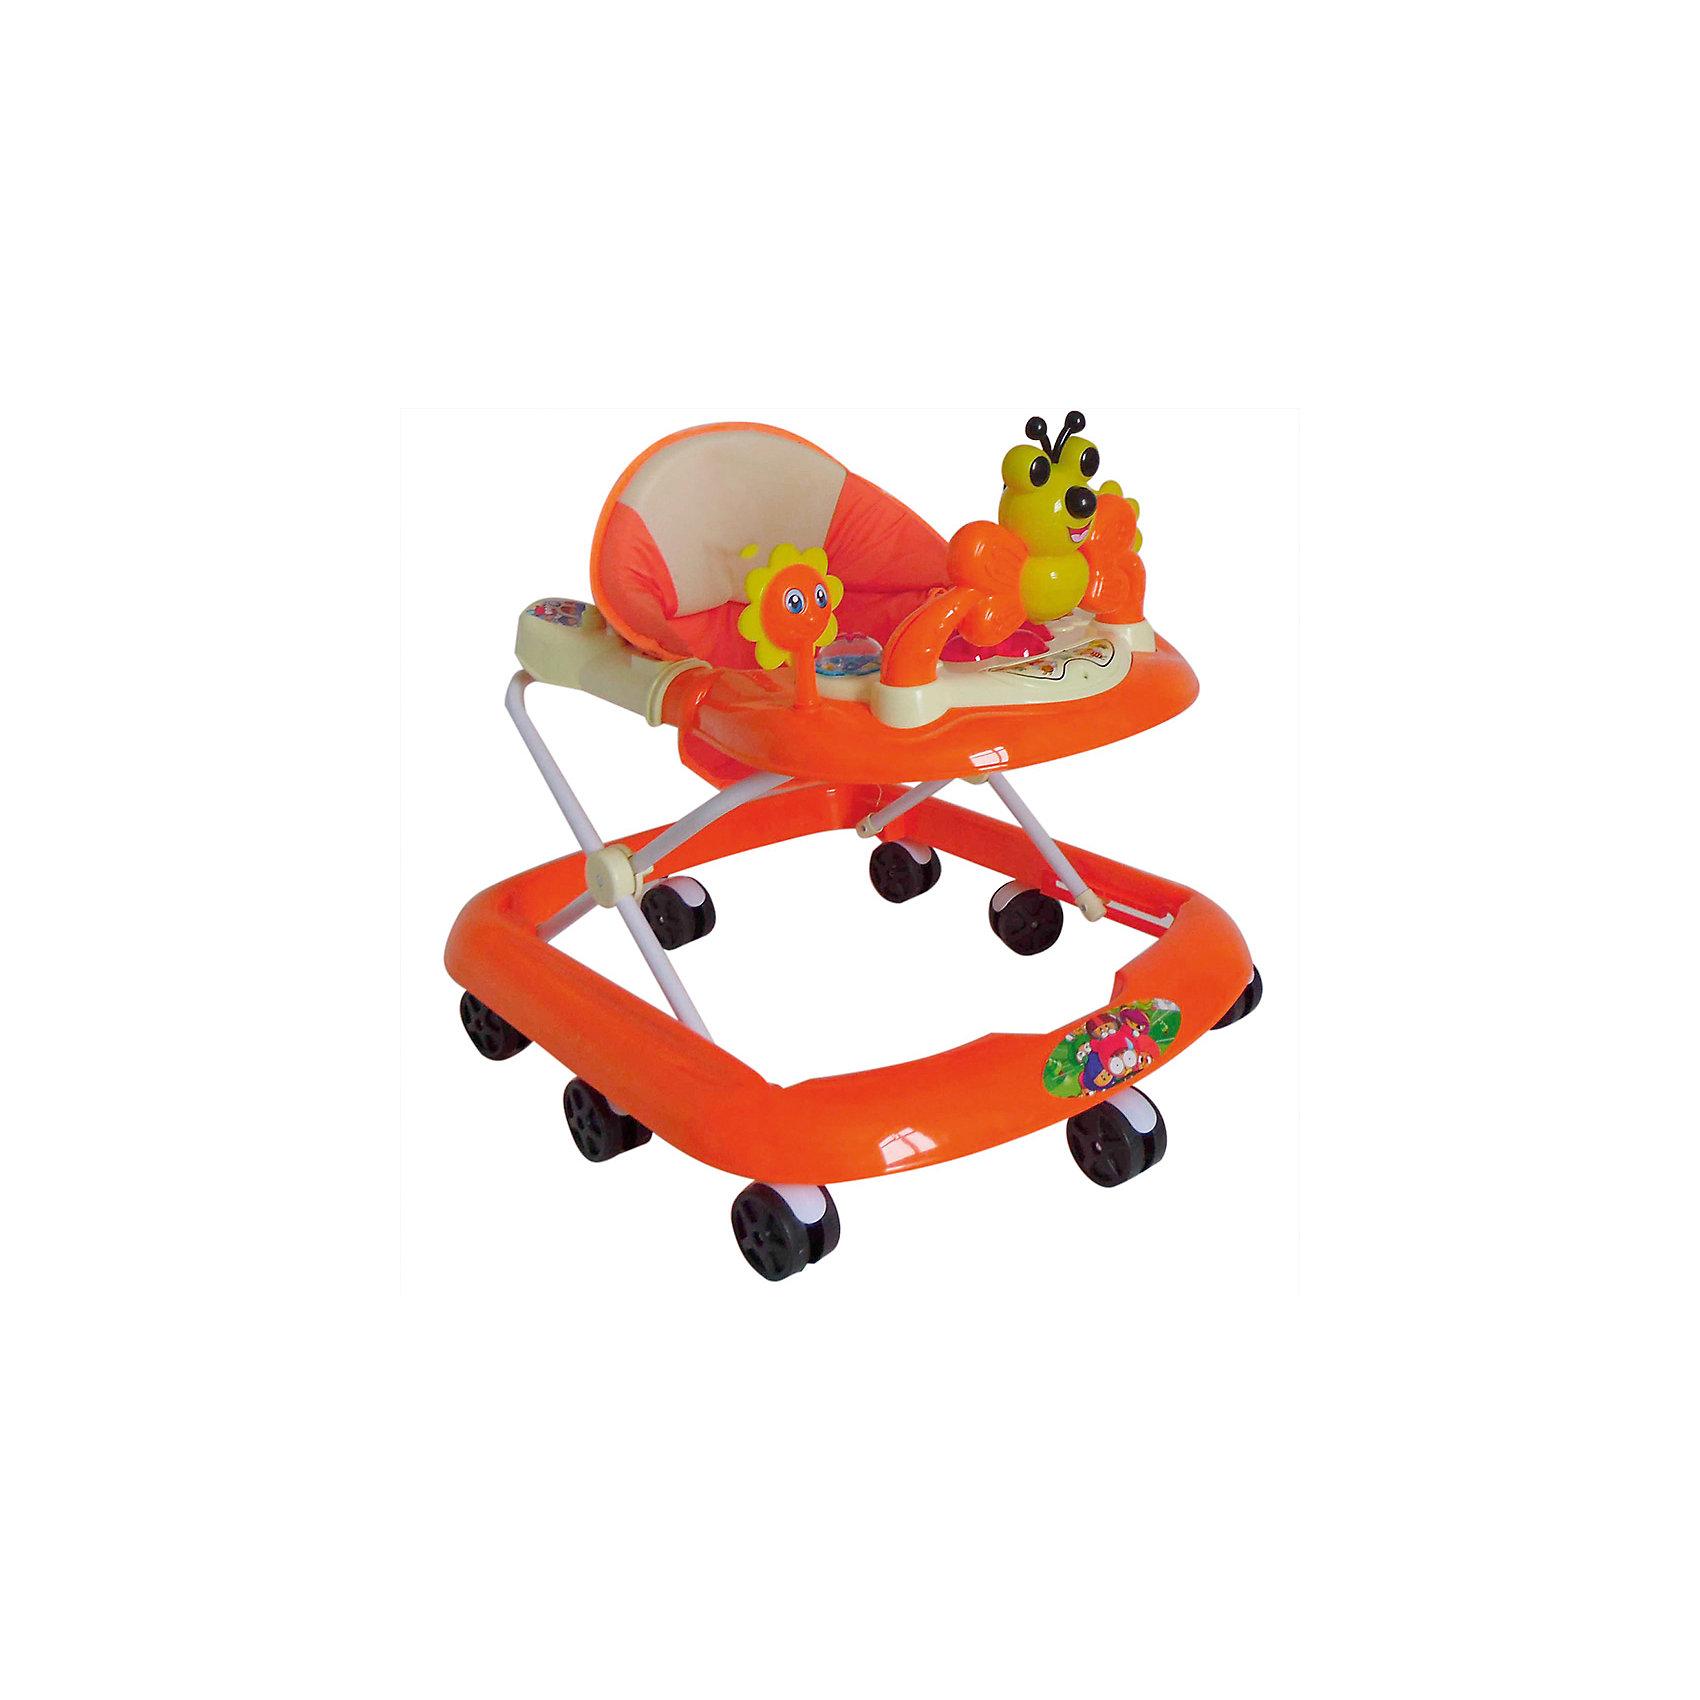 Ходунки Бабочка, Shine Ring, оранжевыйХодунки<br>Характеристики товара:<br><br>• цвет: оранжевый<br>• возраст: от 6 мес.<br>• нагрузка: не более 13кг<br>• 8 поворотных колес<br>• съемная игровая панель<br>• музыкальное сопровождение<br>• мягкое сиденье<br>• 3 положения высоты<br>• 2 батарейки типа (AA) (в комплект не входит)<br>• размеры: 67x60x62см<br>• вес: 3кг<br>• страна производства: Китай<br><br>Shine Ring Бабочка – ходунки для деток в возрасте от 6 месяцев до 13кг.<br><br>Они имеют широкое устойчивое основание, а также 8 сдвоенных колесиков, установленных по периметру, что делает простым управление для малыша и повышает мобильность этого первого детского транспорта. <br><br>При необходимости колесики блокируются стоппером.<br><br>Ходунки Бабочка, Shine Ring можно купить в нашем интернет-магазине.<br><br>Ширина мм: 670<br>Глубина мм: 600<br>Высота мм: 520<br>Вес г: 3600<br>Возраст от месяцев: 6<br>Возраст до месяцев: 12<br>Пол: Унисекс<br>Возраст: Детский<br>SKU: 5559218